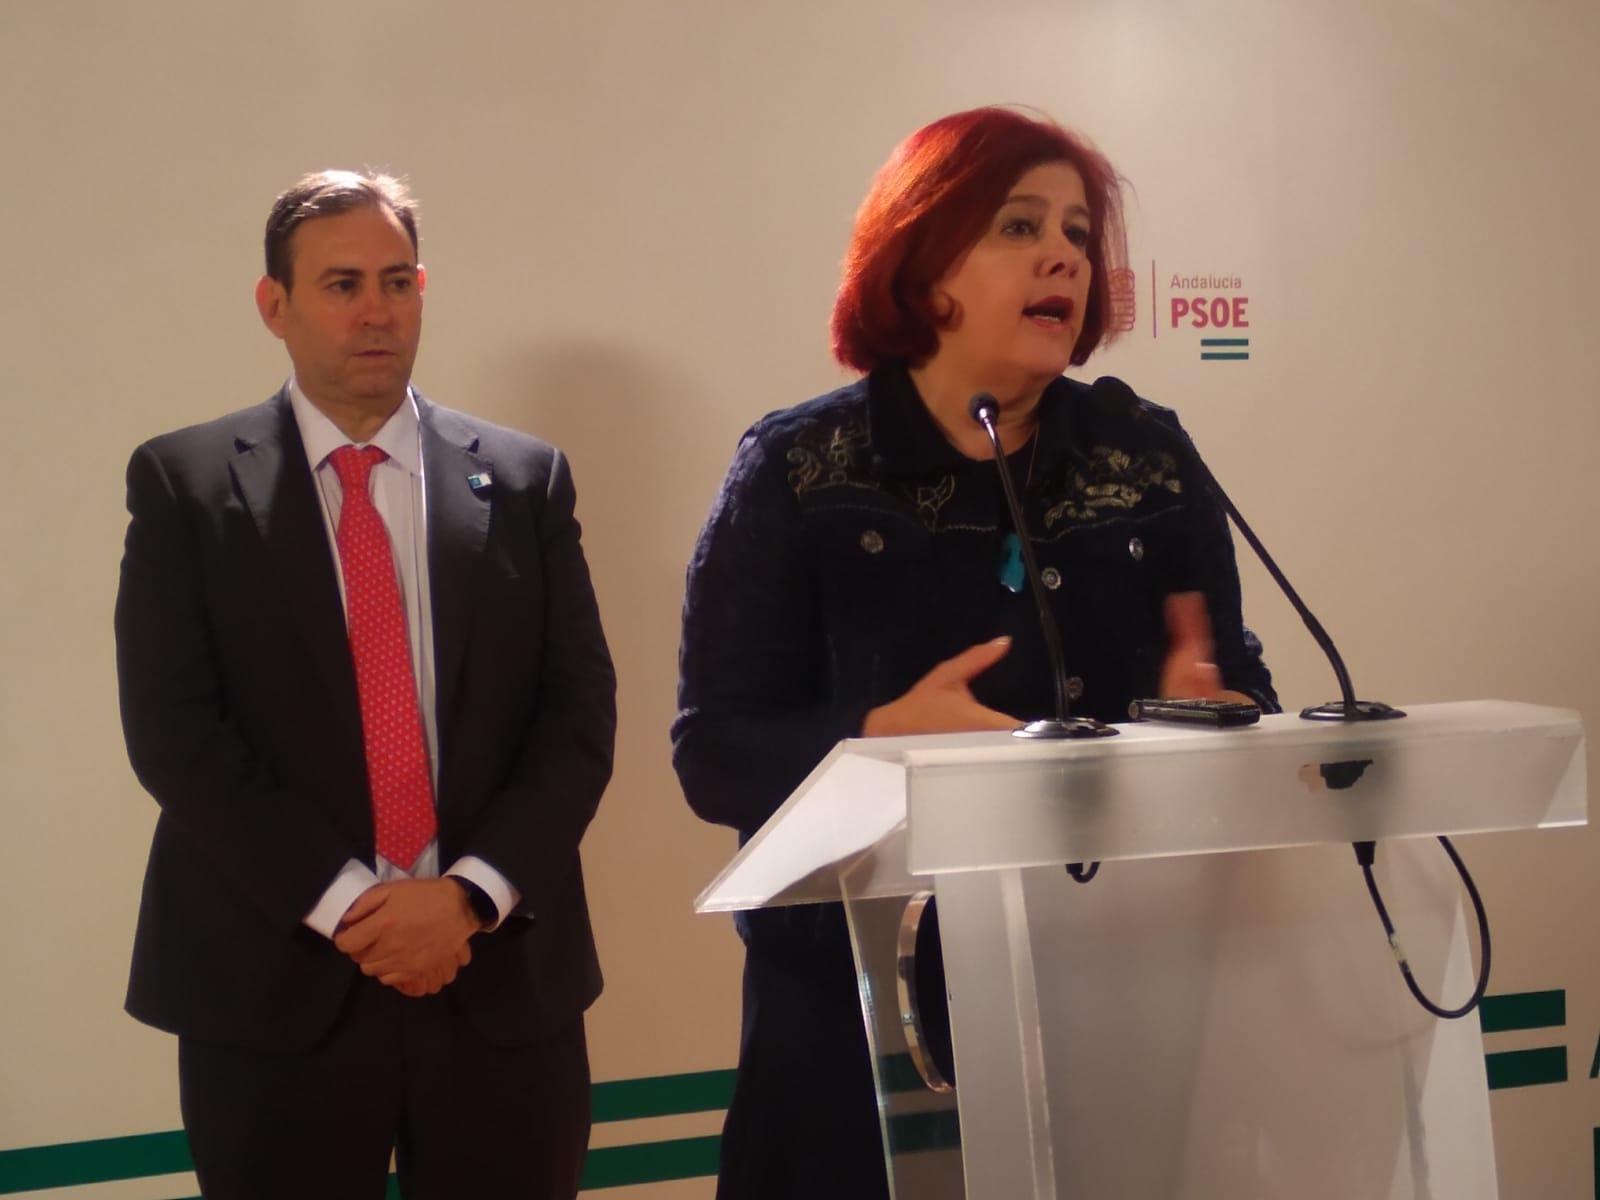 El PSOE destaca que más de 73.560 asalariados y 38.624 autónomos se benefician de las medidas antiCovid del Gobierno